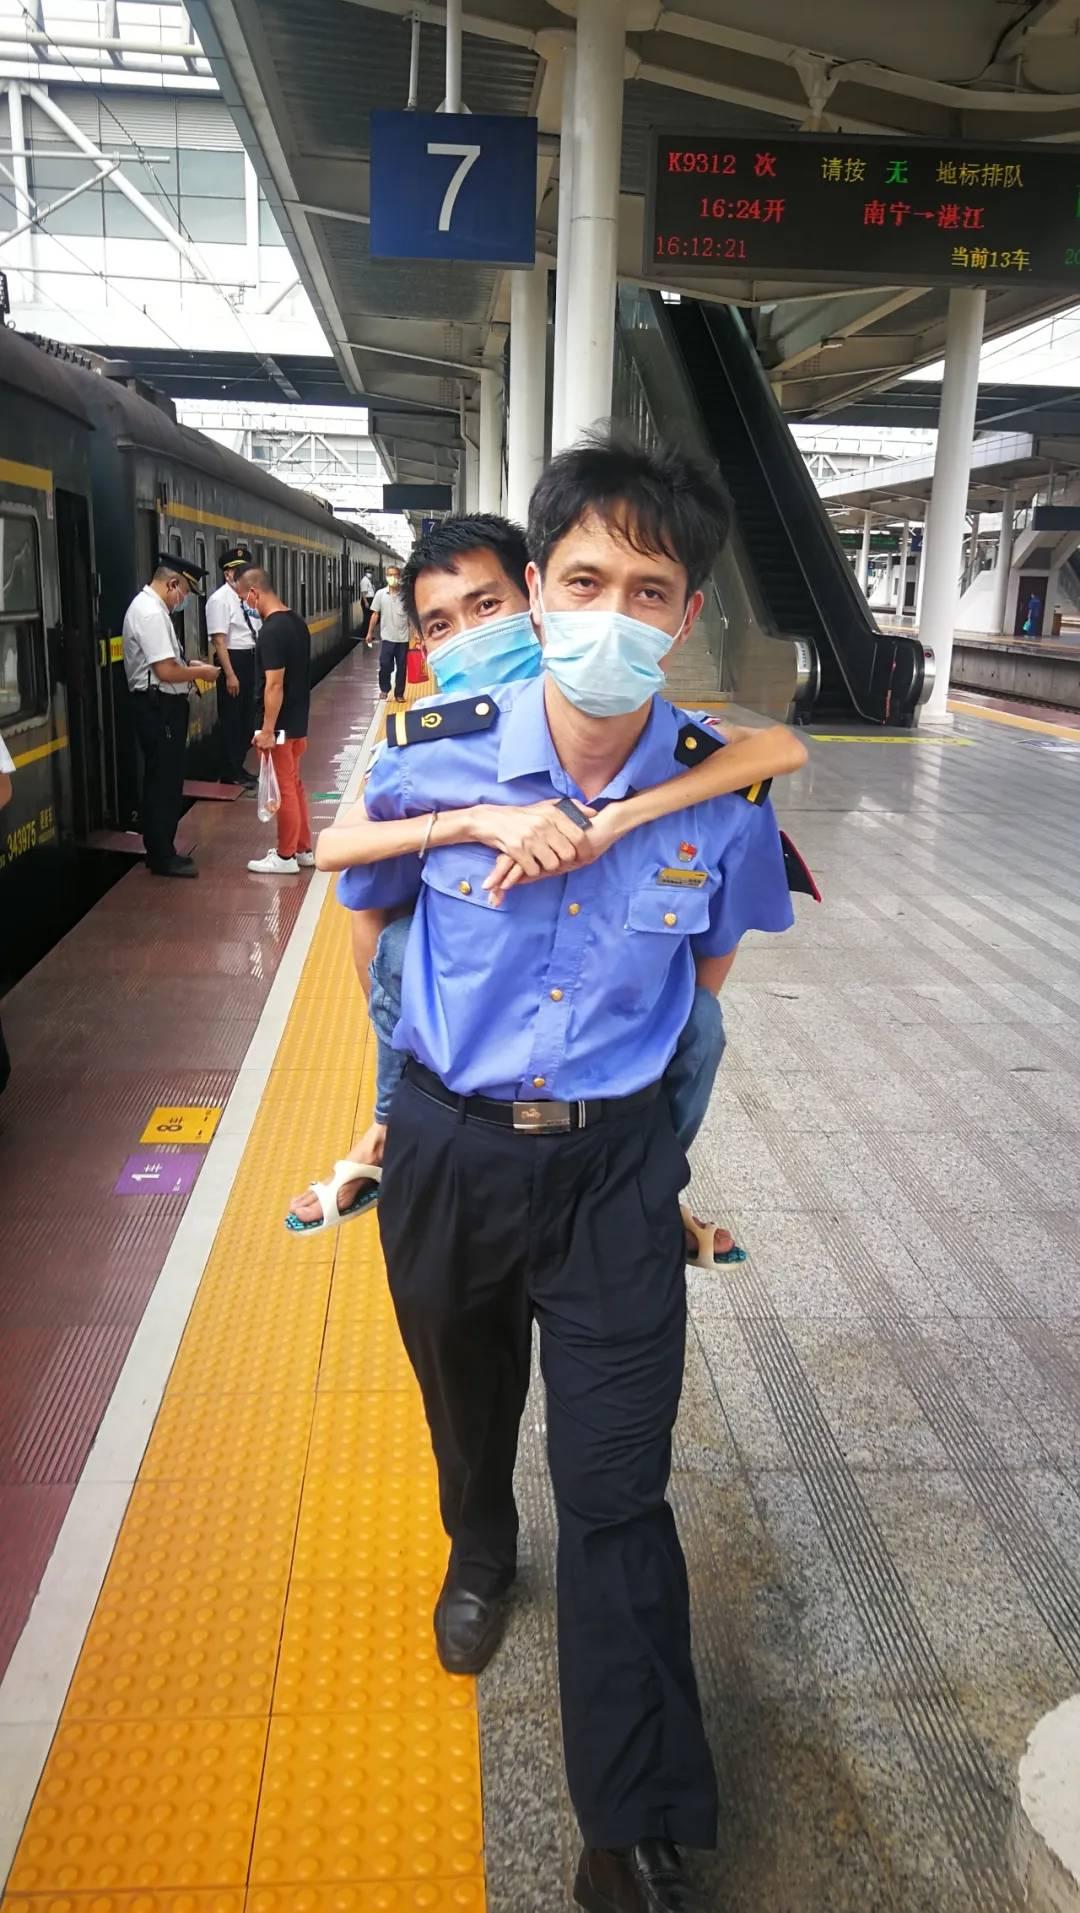 南宁火车站工作人员主动背腿脚不便旅客送他上车